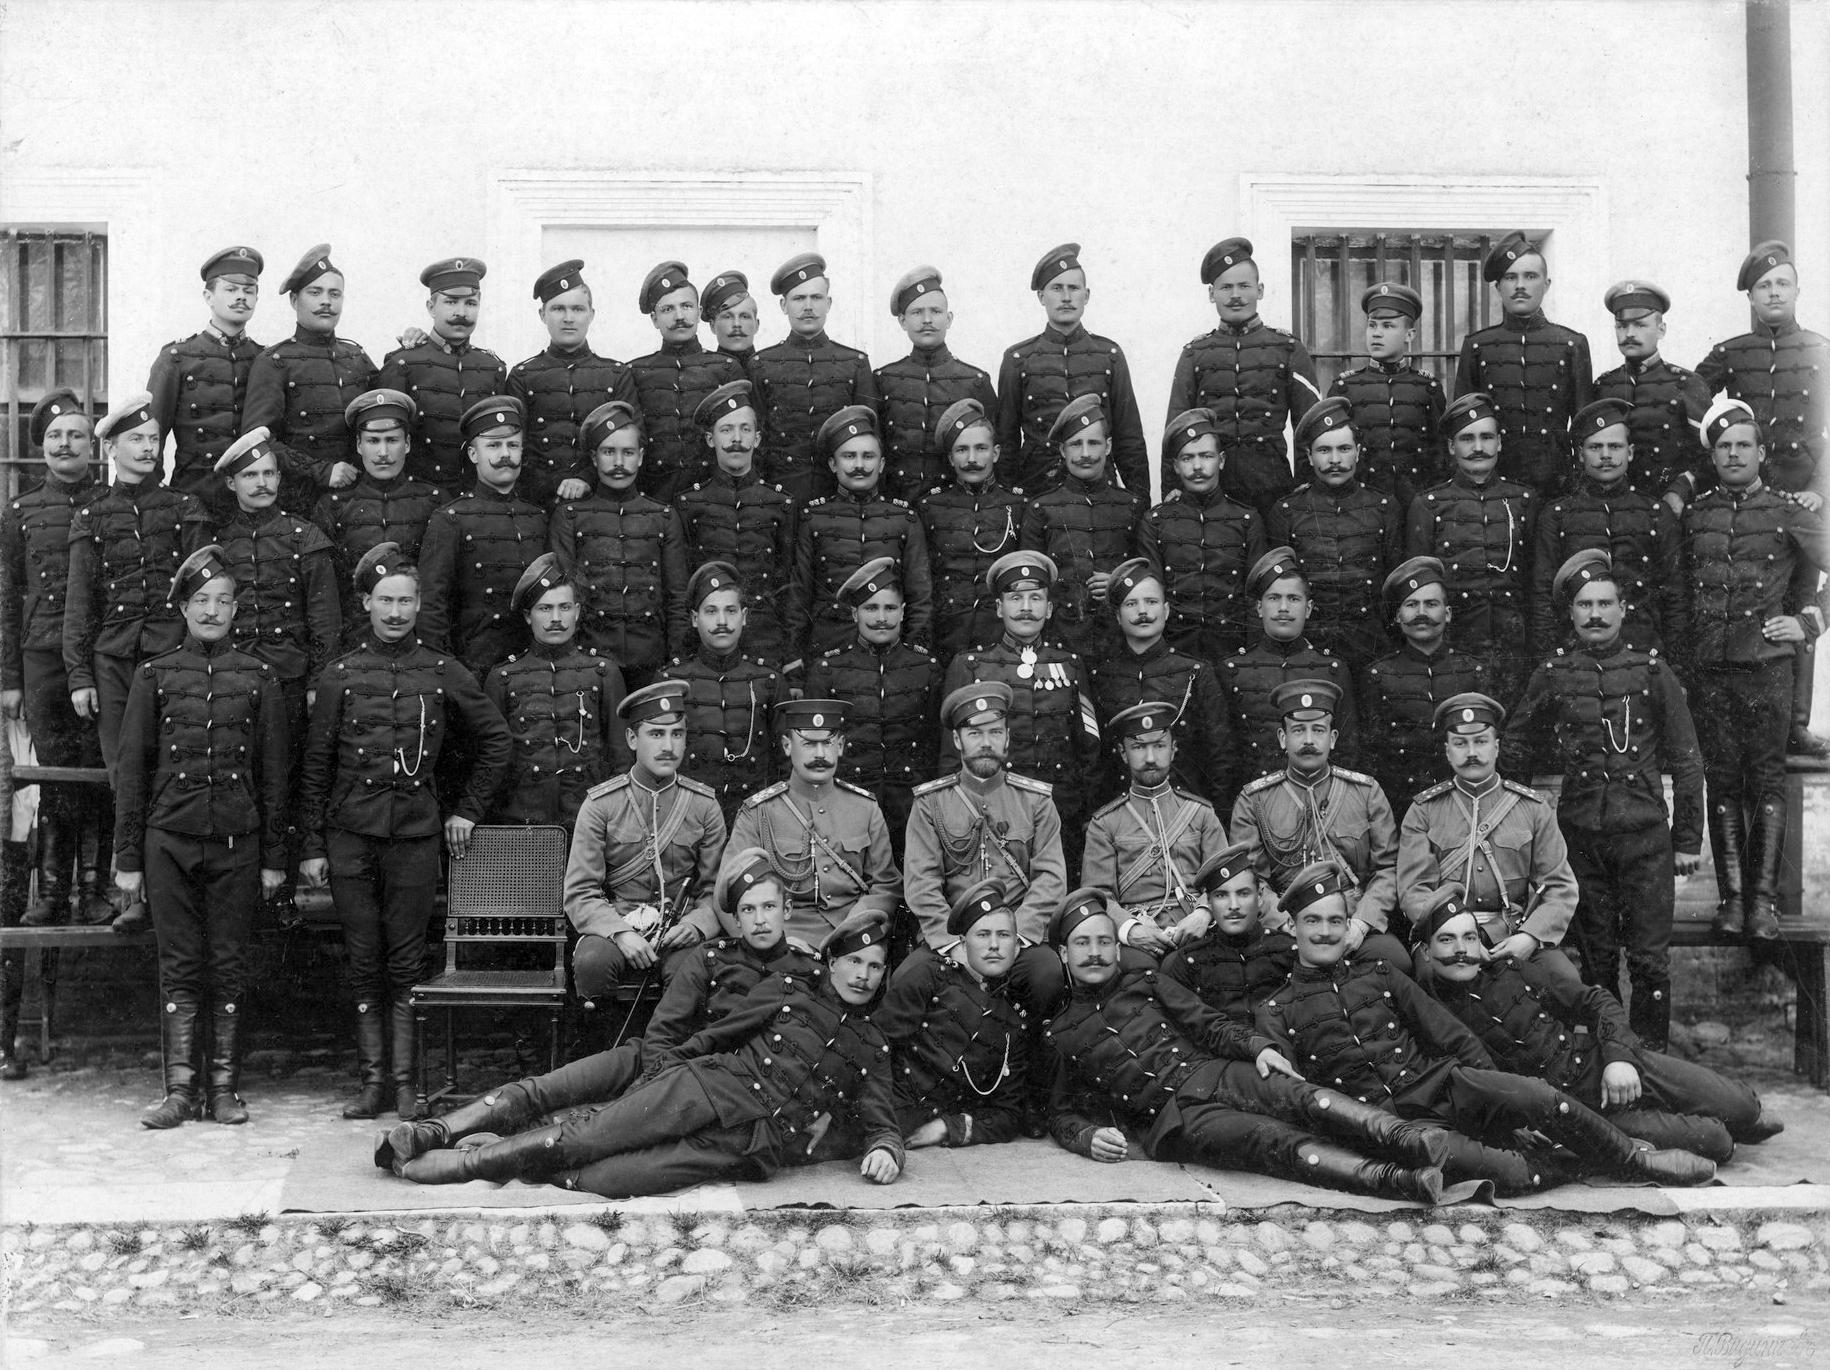 Чины Лейб-гвардии Гусарского Его Величества полка со своим шефом Е.И.В. Николаем II.